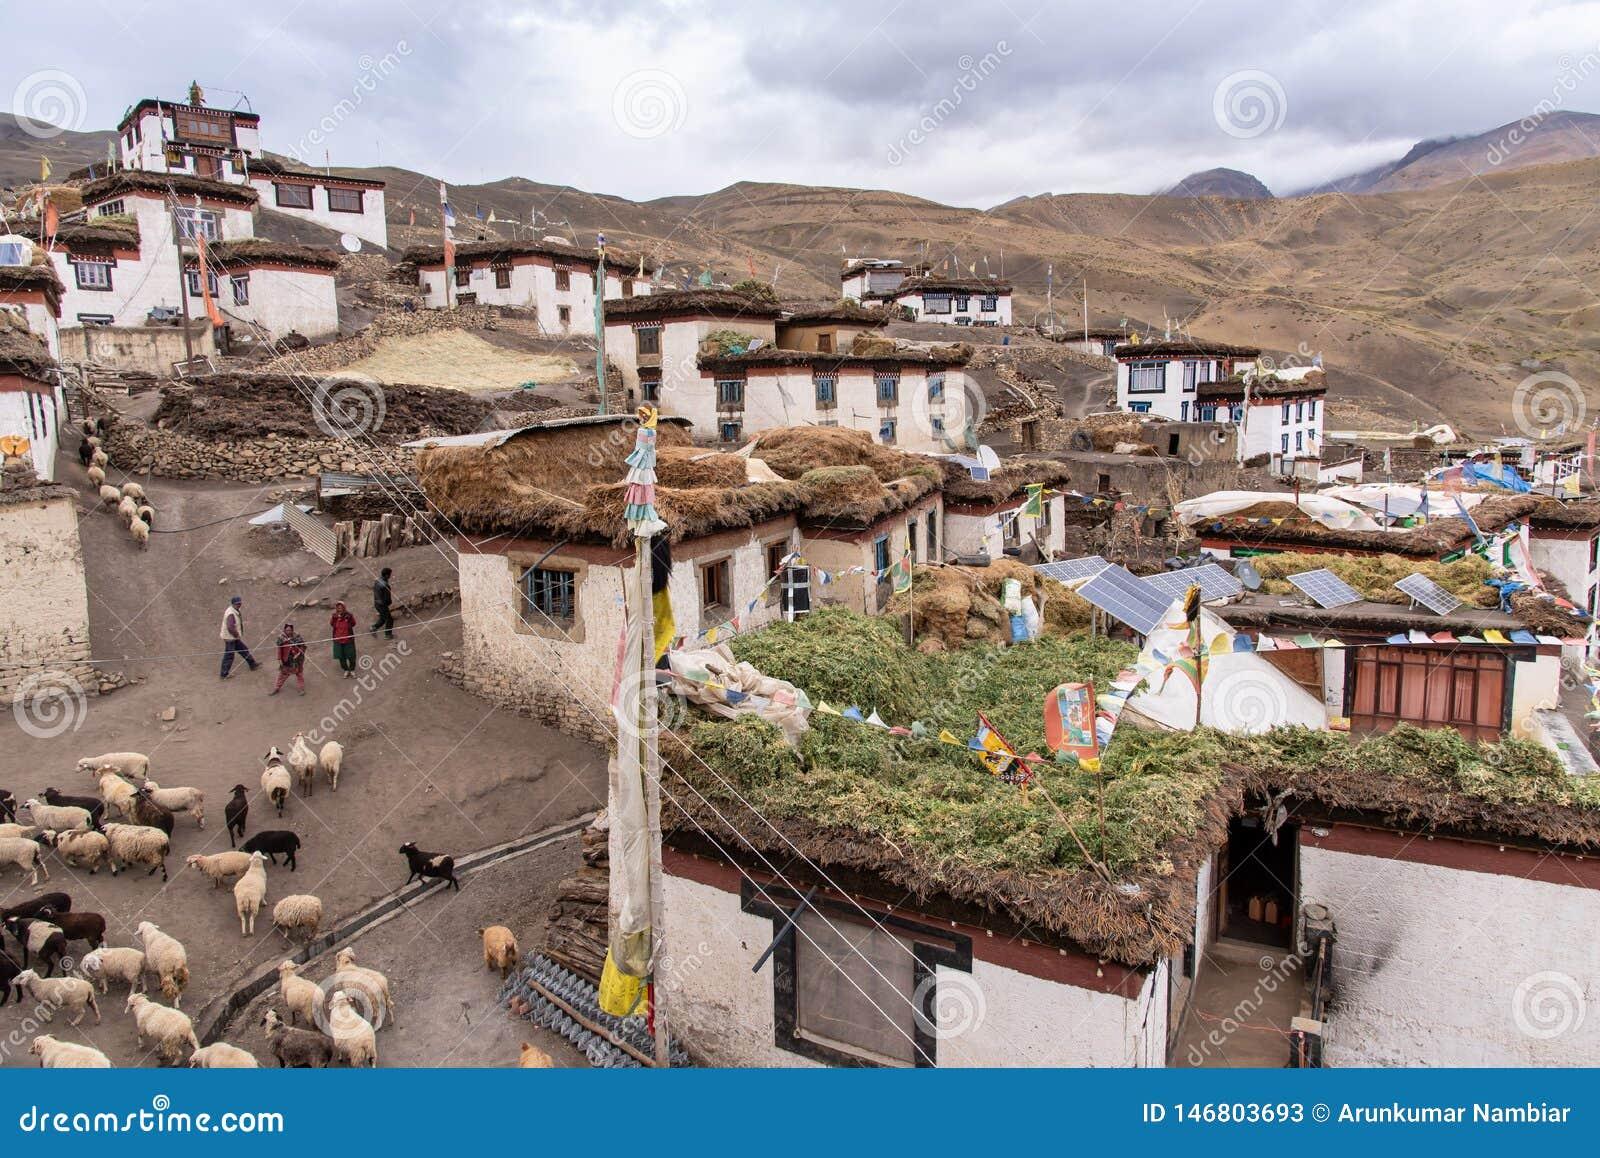 村庄生活,斯皮迪,藏语,himachal